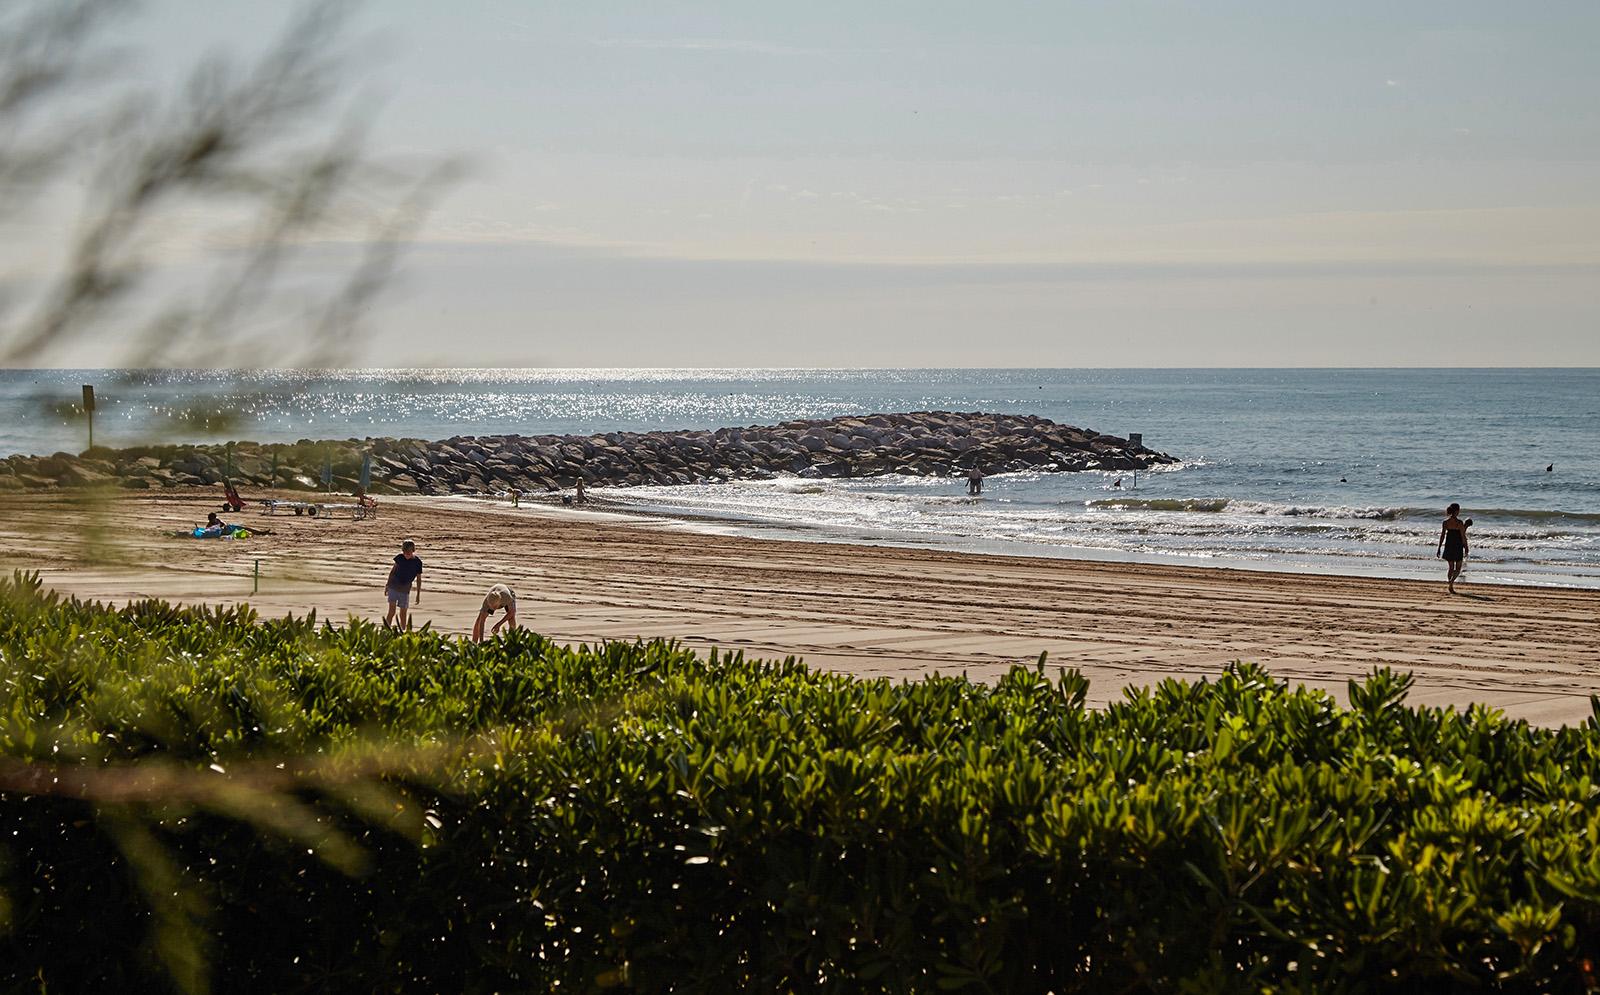 0-Spiaggia-strand-Camping-Village-Dei-Fiori-seafront